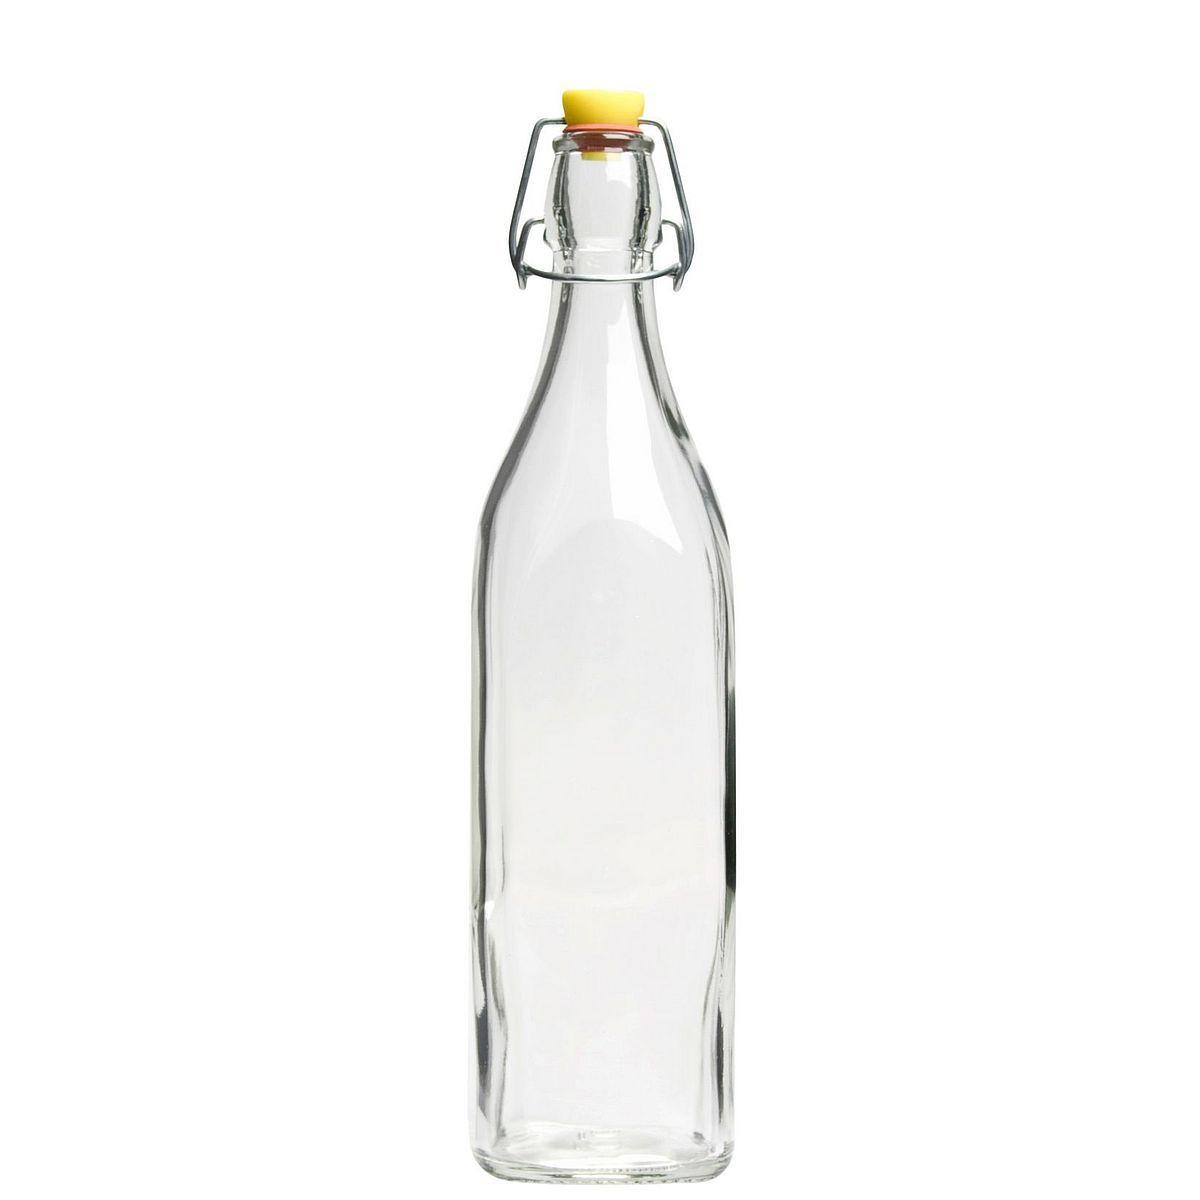 Swing Glasflasche Mit Bügelverschluss Küche Glasflaschen Mit